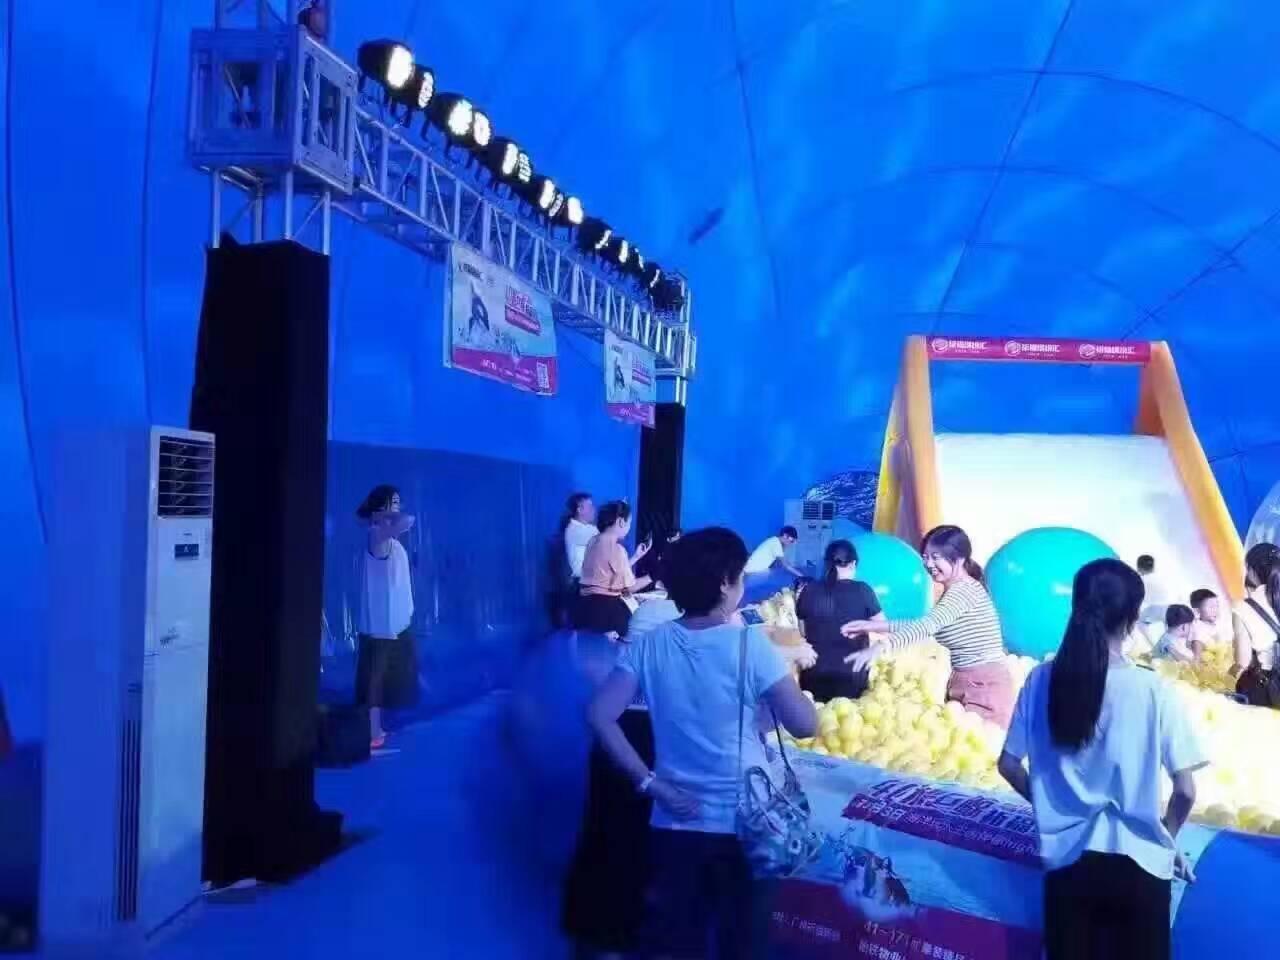 鲸鱼岛租赁 大型互动道具展览展示 鲸鱼岛租赁 鲸鱼岛道具展览展示